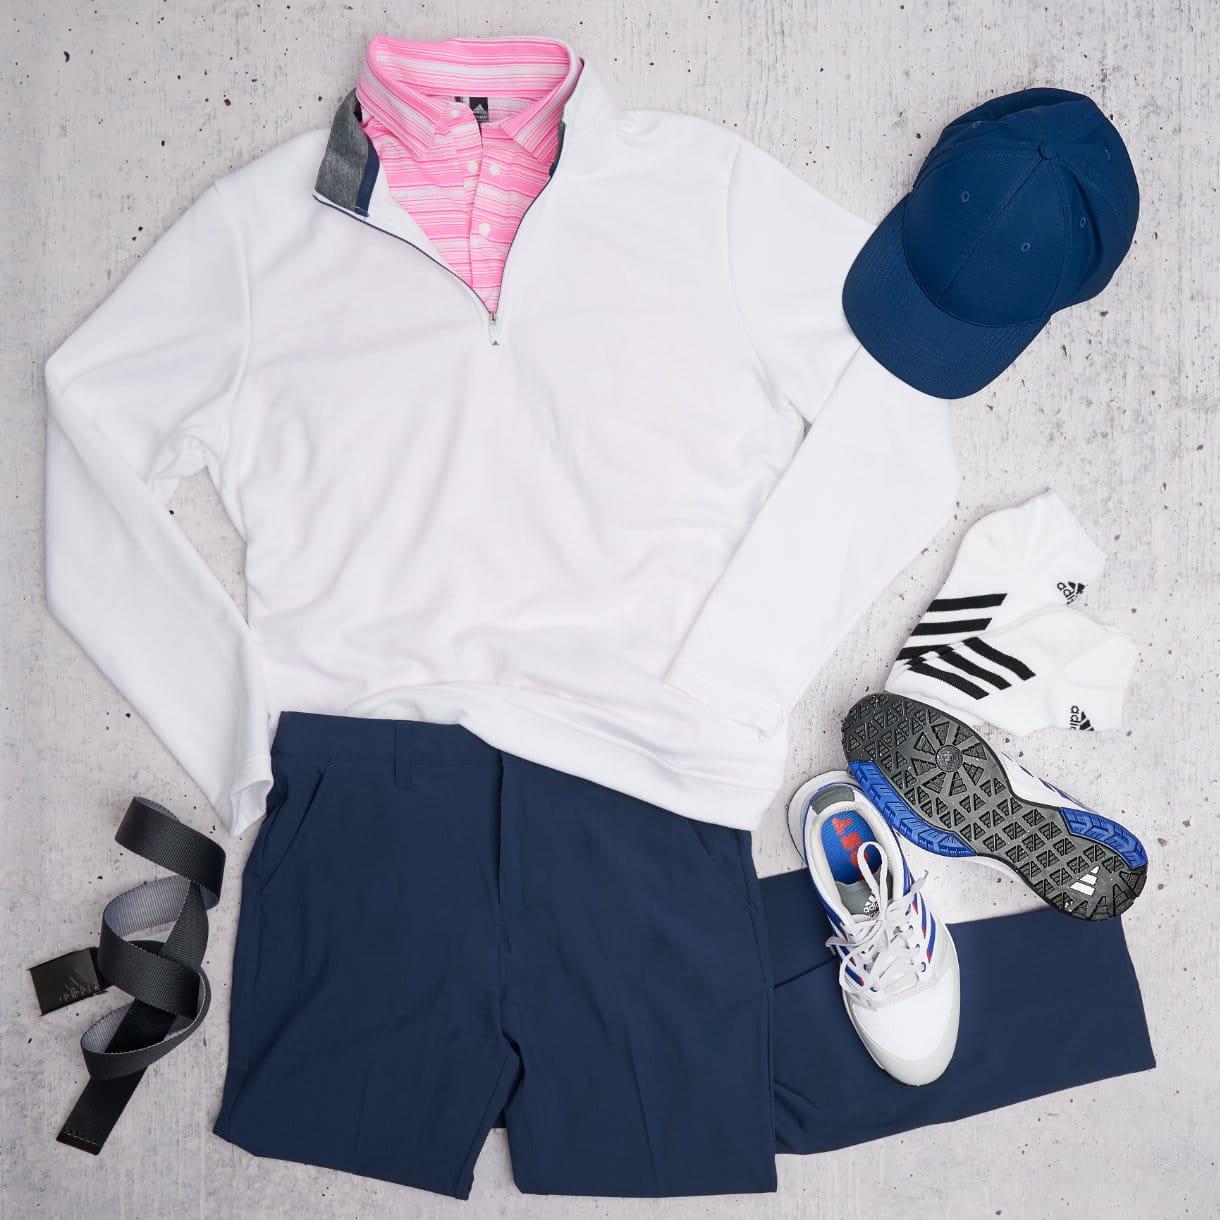 No. 2 Herren Outfit